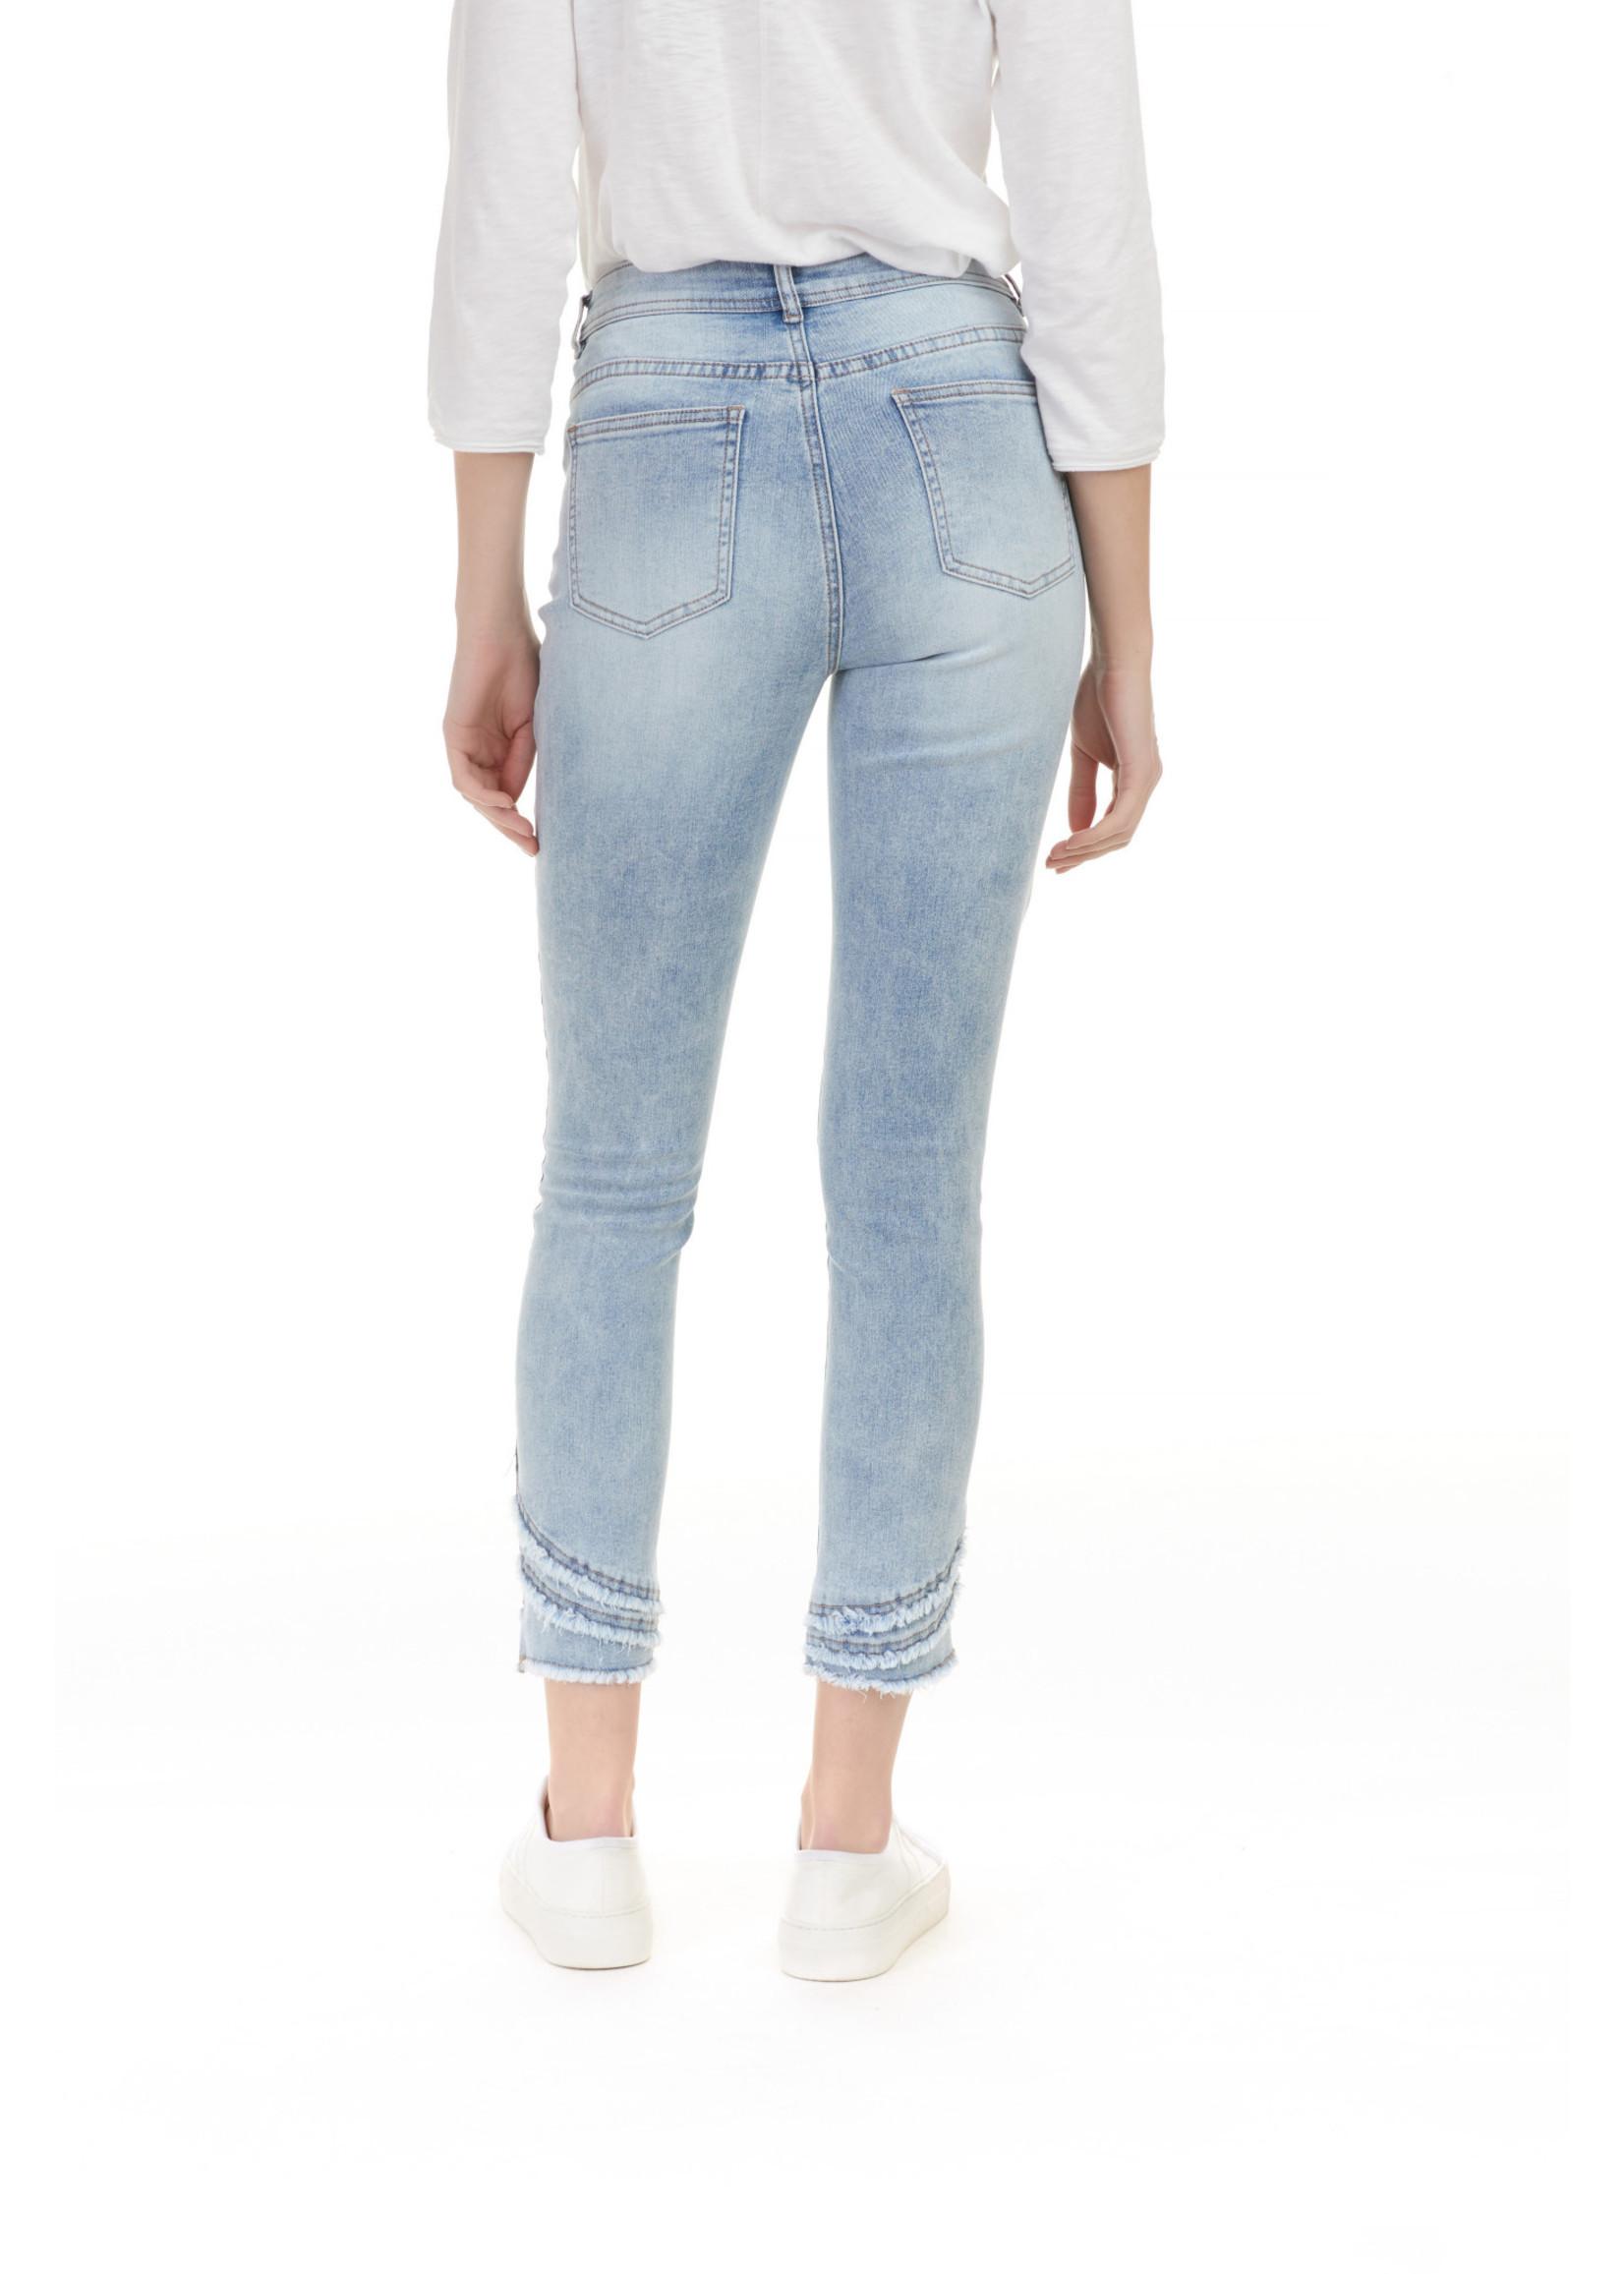 Charlie B Ripped Hem Jeans